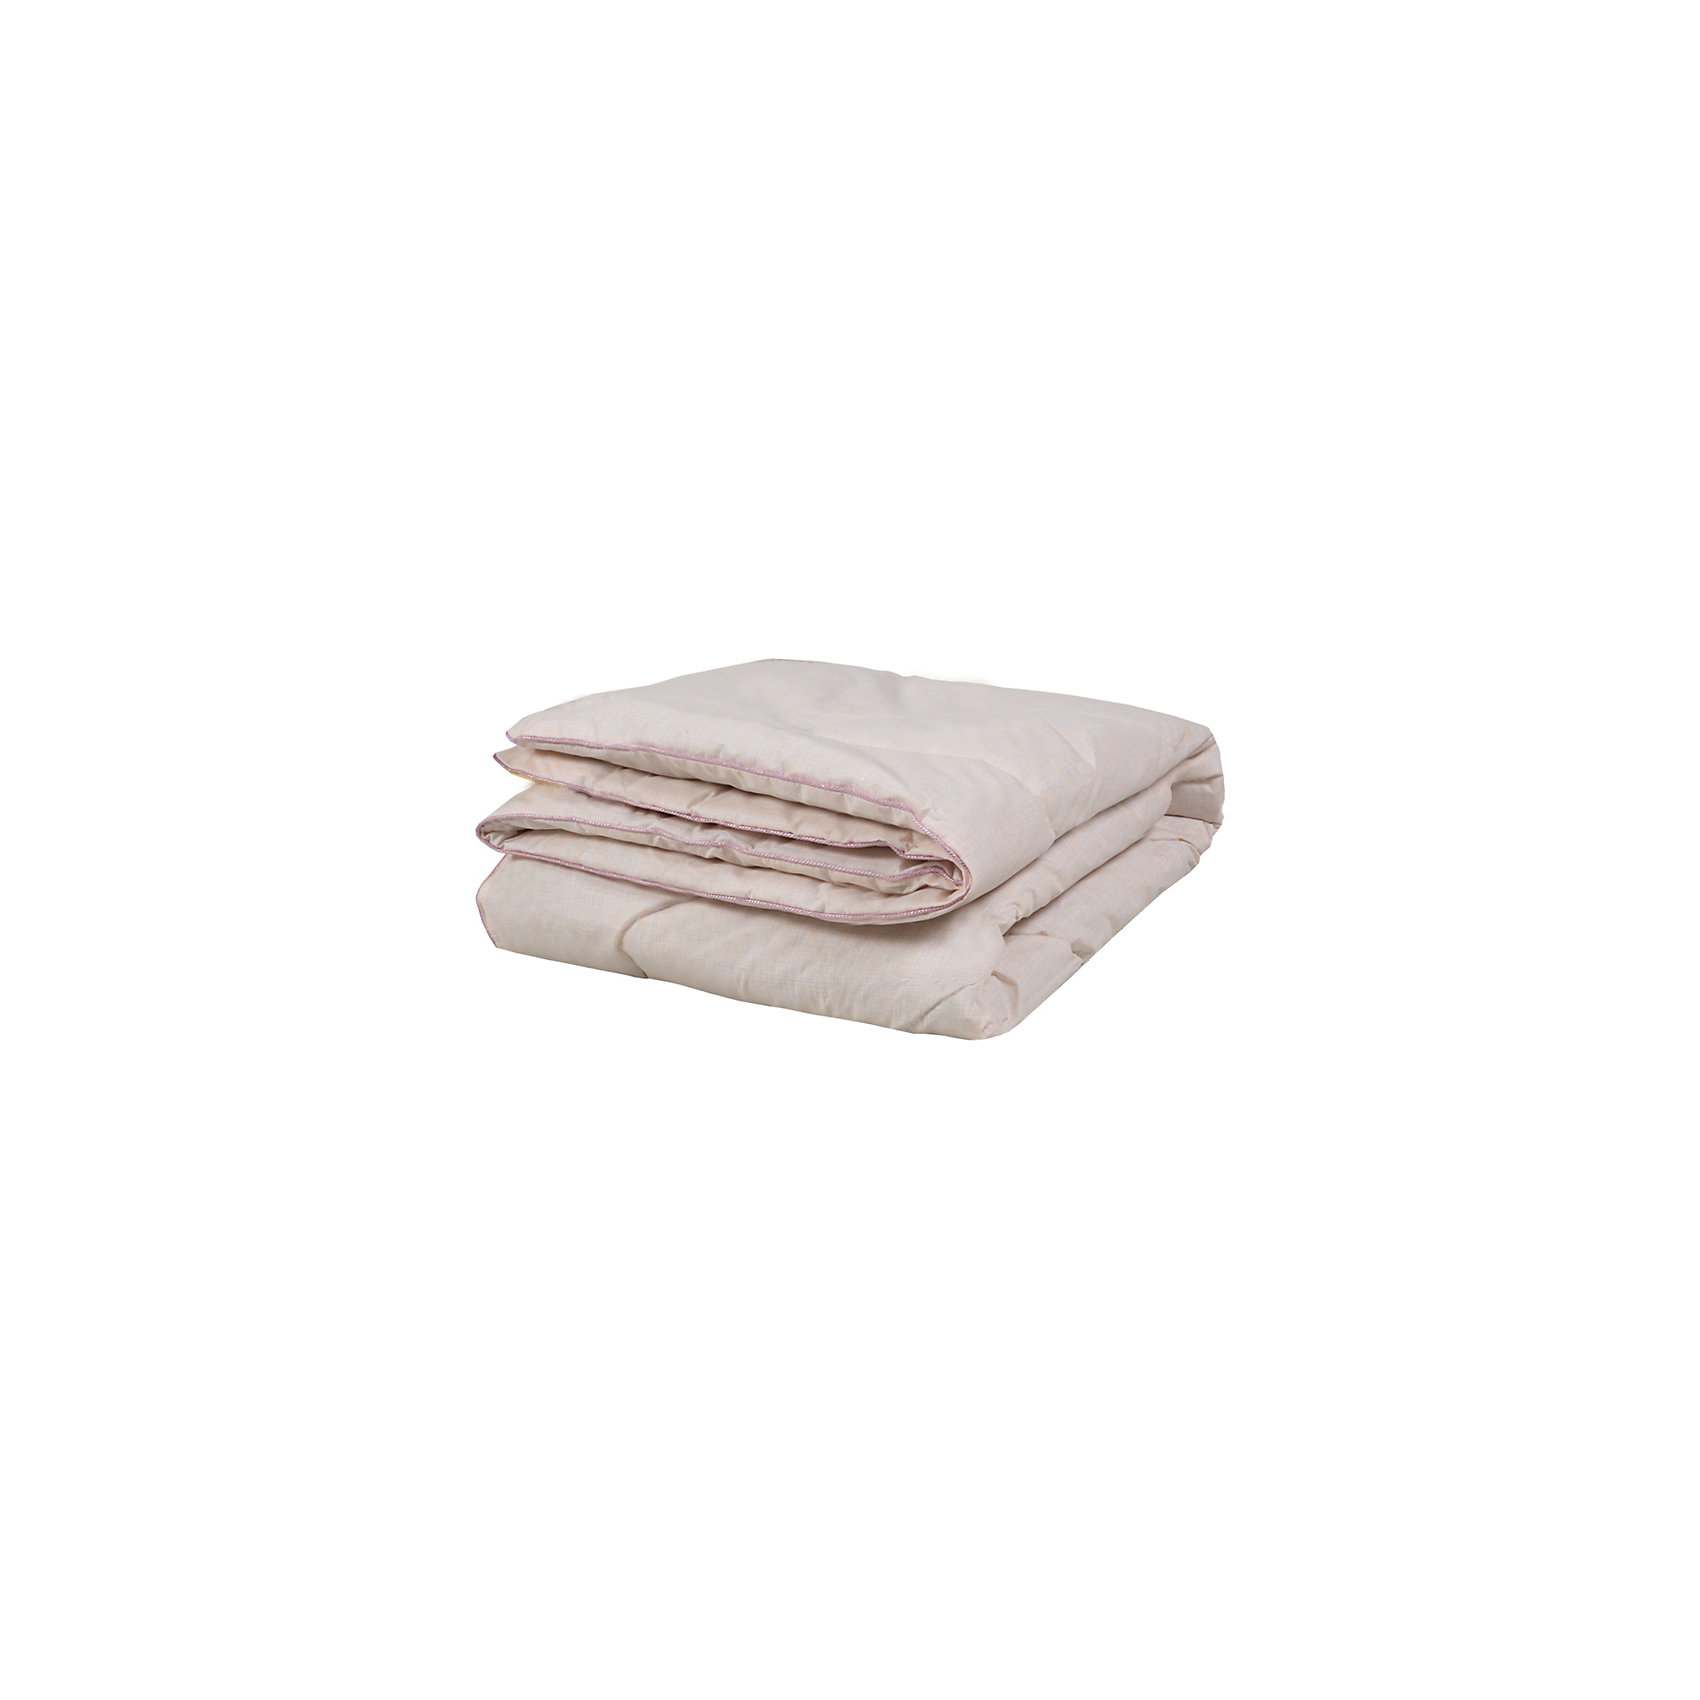 Одеяло 195*215 с льняным волокном, Mona LizaОдеяла<br>Характеристики:<br><br>• размер одеяла: 195х215 см<br>• материал верха: 100% полиэстер<br>• наполнитель: 30% лён, 70% полиэстер<br>• размер упаковки: 47х25х47 см<br>• вес: 1900 грамм<br><br>Одеяло с льняным волокном от Mona Liza - высококачественное изделие, которое согреет вас и подарит ощущение уюта и комфорта во время сна. Одеяло обеспечивает правильную терморегуляцию, а также обладает такими важными свойствами как гигроскопичность, антибактериальность, износостойкость и гипоаллергенность. Материал одеяла приятен телу, не вызывает аллергических реакций. Наполнитель устойчив к образованию комков.<br><br>Одеяло 195*215 с льняным волокном, Mona Liza (Мона Лиза) вы можете купить в нашем интернет-магазине.<br><br>Ширина мм: 470<br>Глубина мм: 250<br>Высота мм: 470<br>Вес г: 1900<br>Возраст от месяцев: 84<br>Возраст до месяцев: 600<br>Пол: Унисекс<br>Возраст: Детский<br>SKU: 6765303